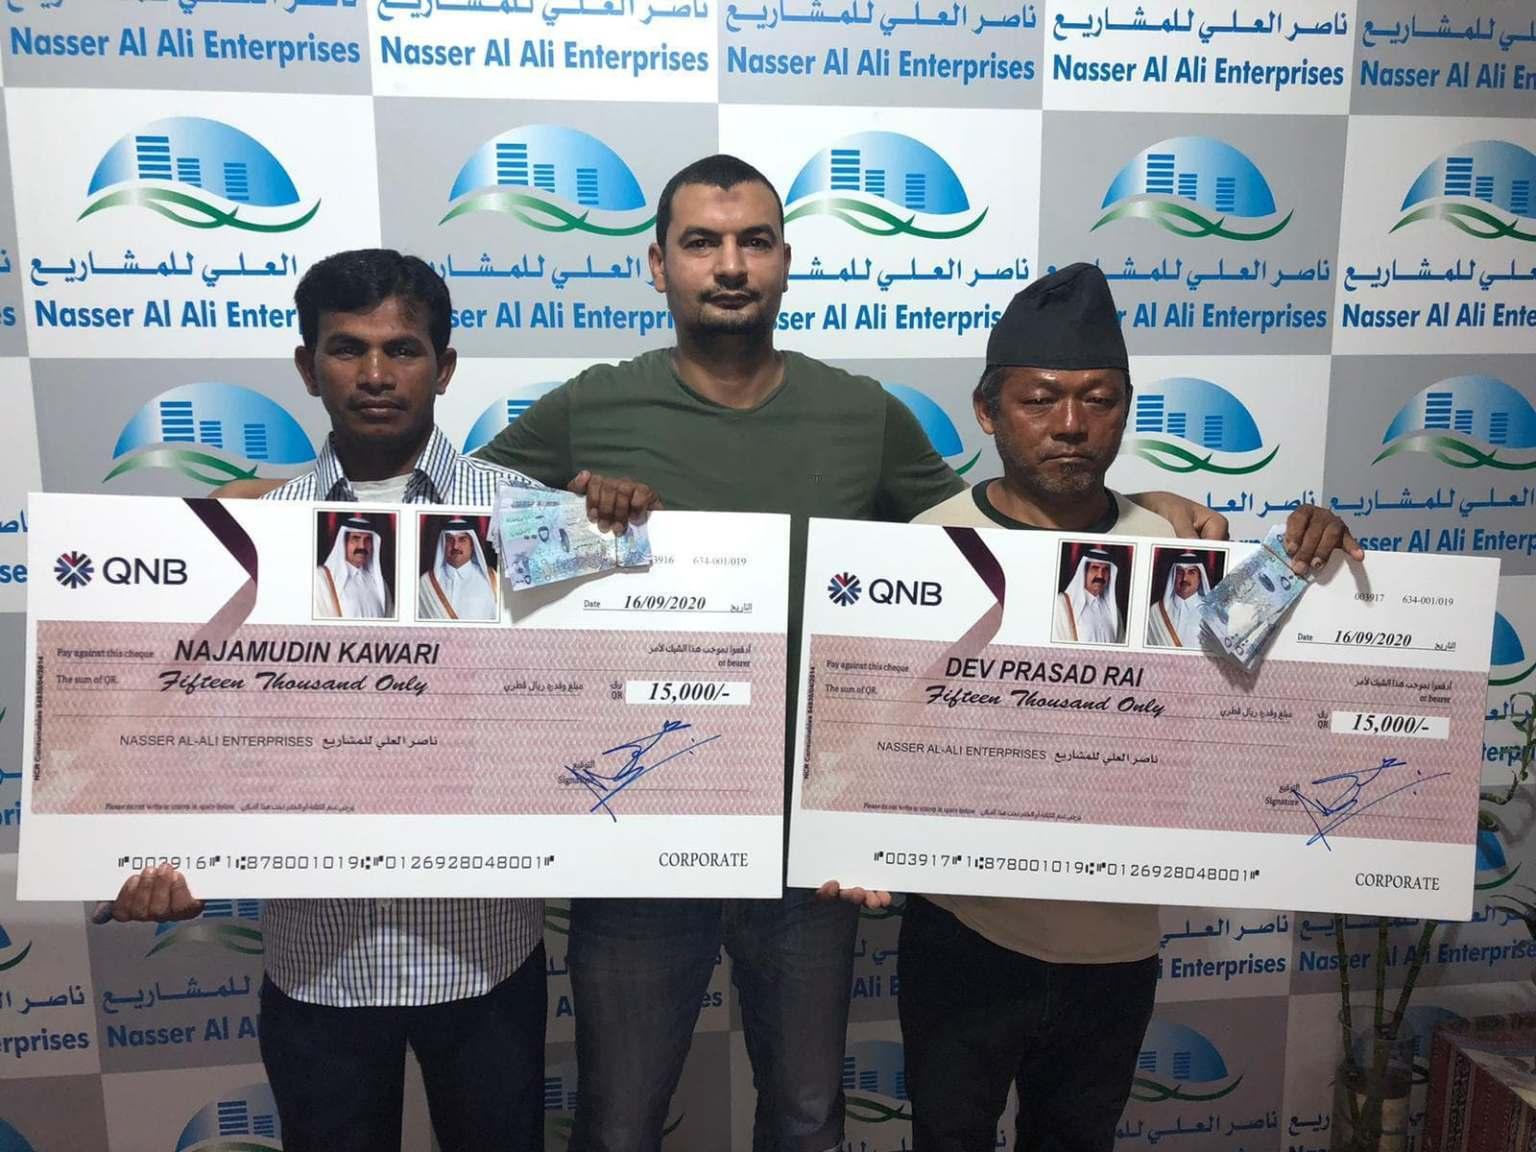 कतारमा १० बर्षबढि काम गरेका दुई नेपालीले पाए नगद पुरस्कार